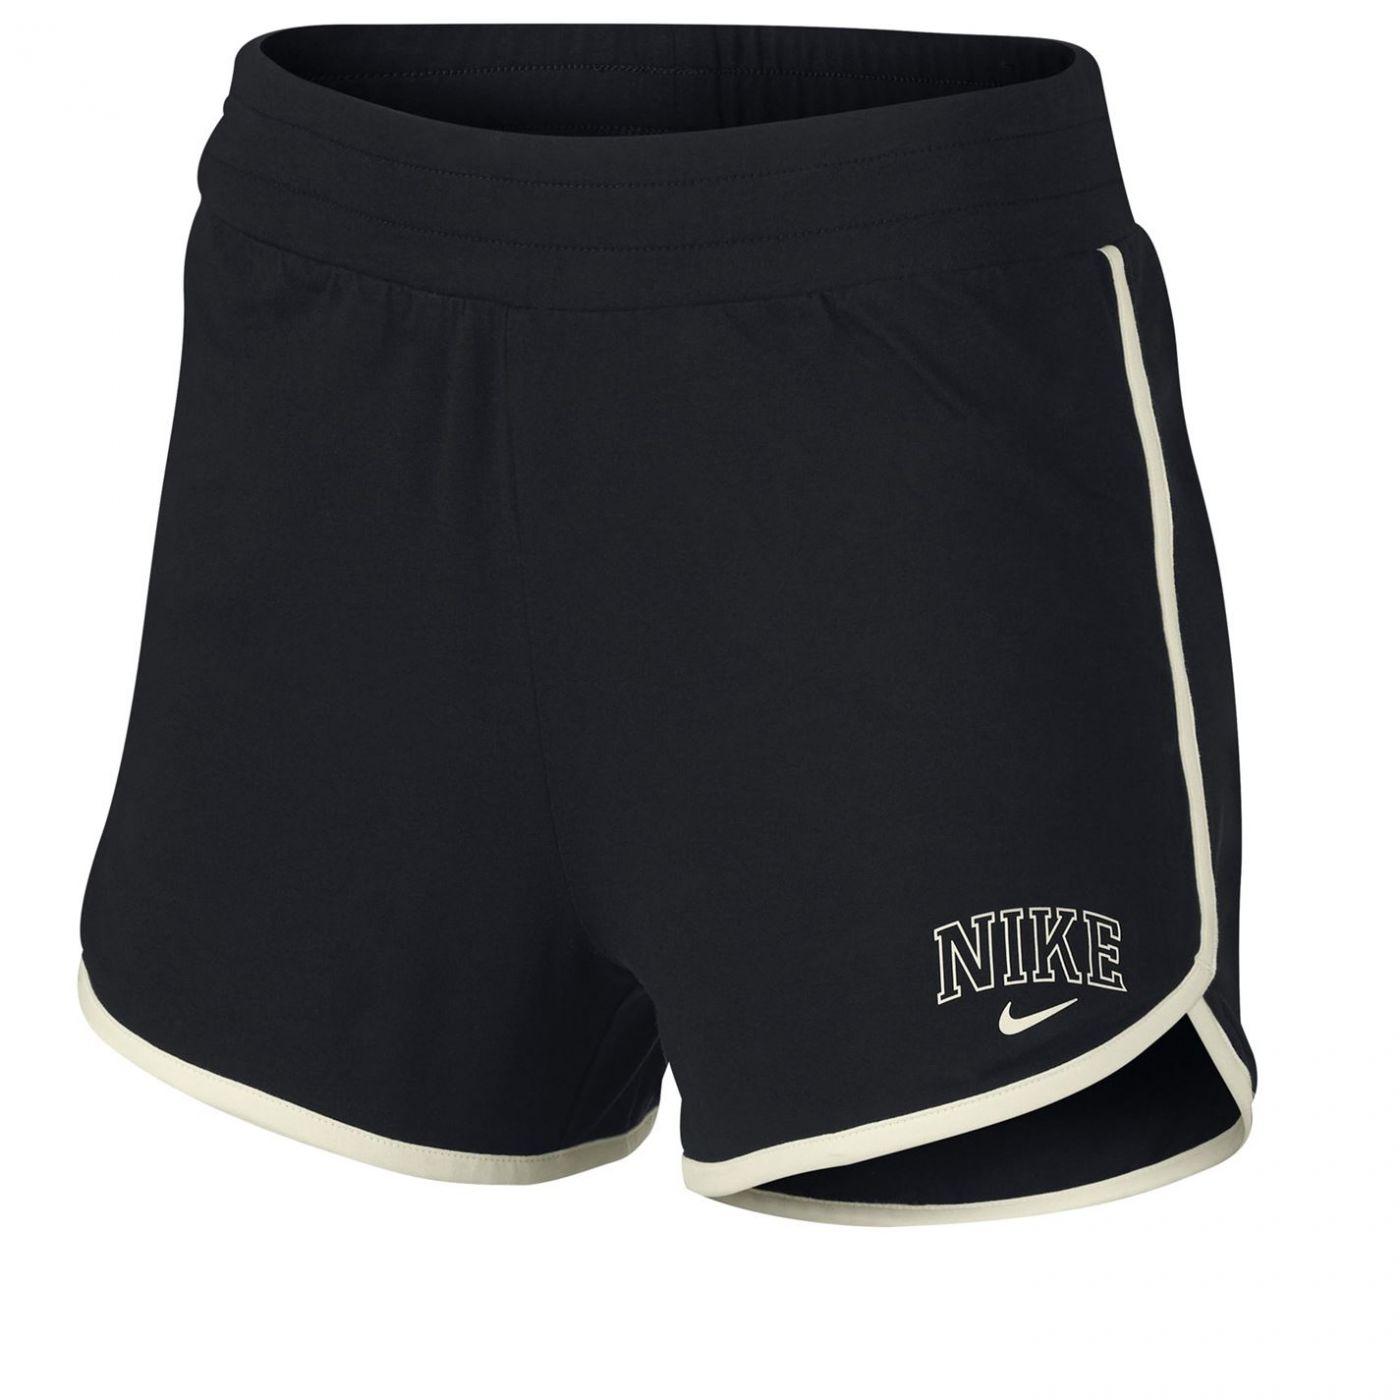 Nike Varsity Shorts Ladies